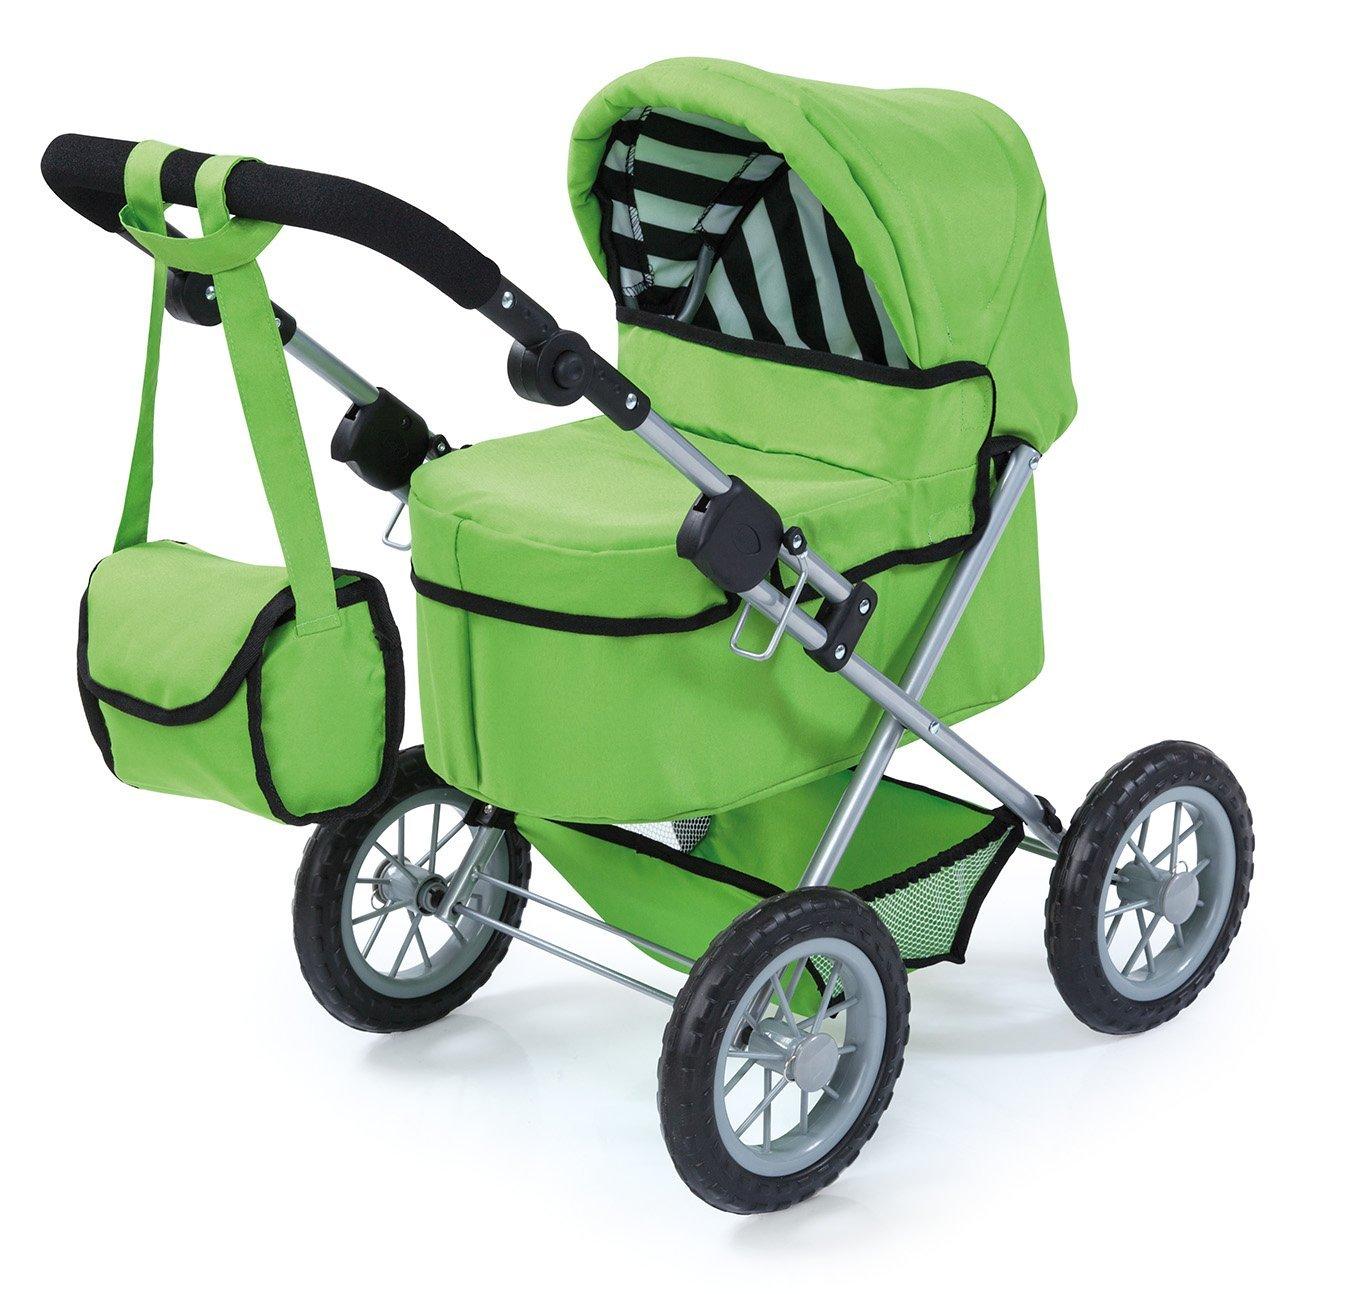 Bayer Design 1302700 – Passeggino per bambole Trendy per bambole, 46 cm, verde